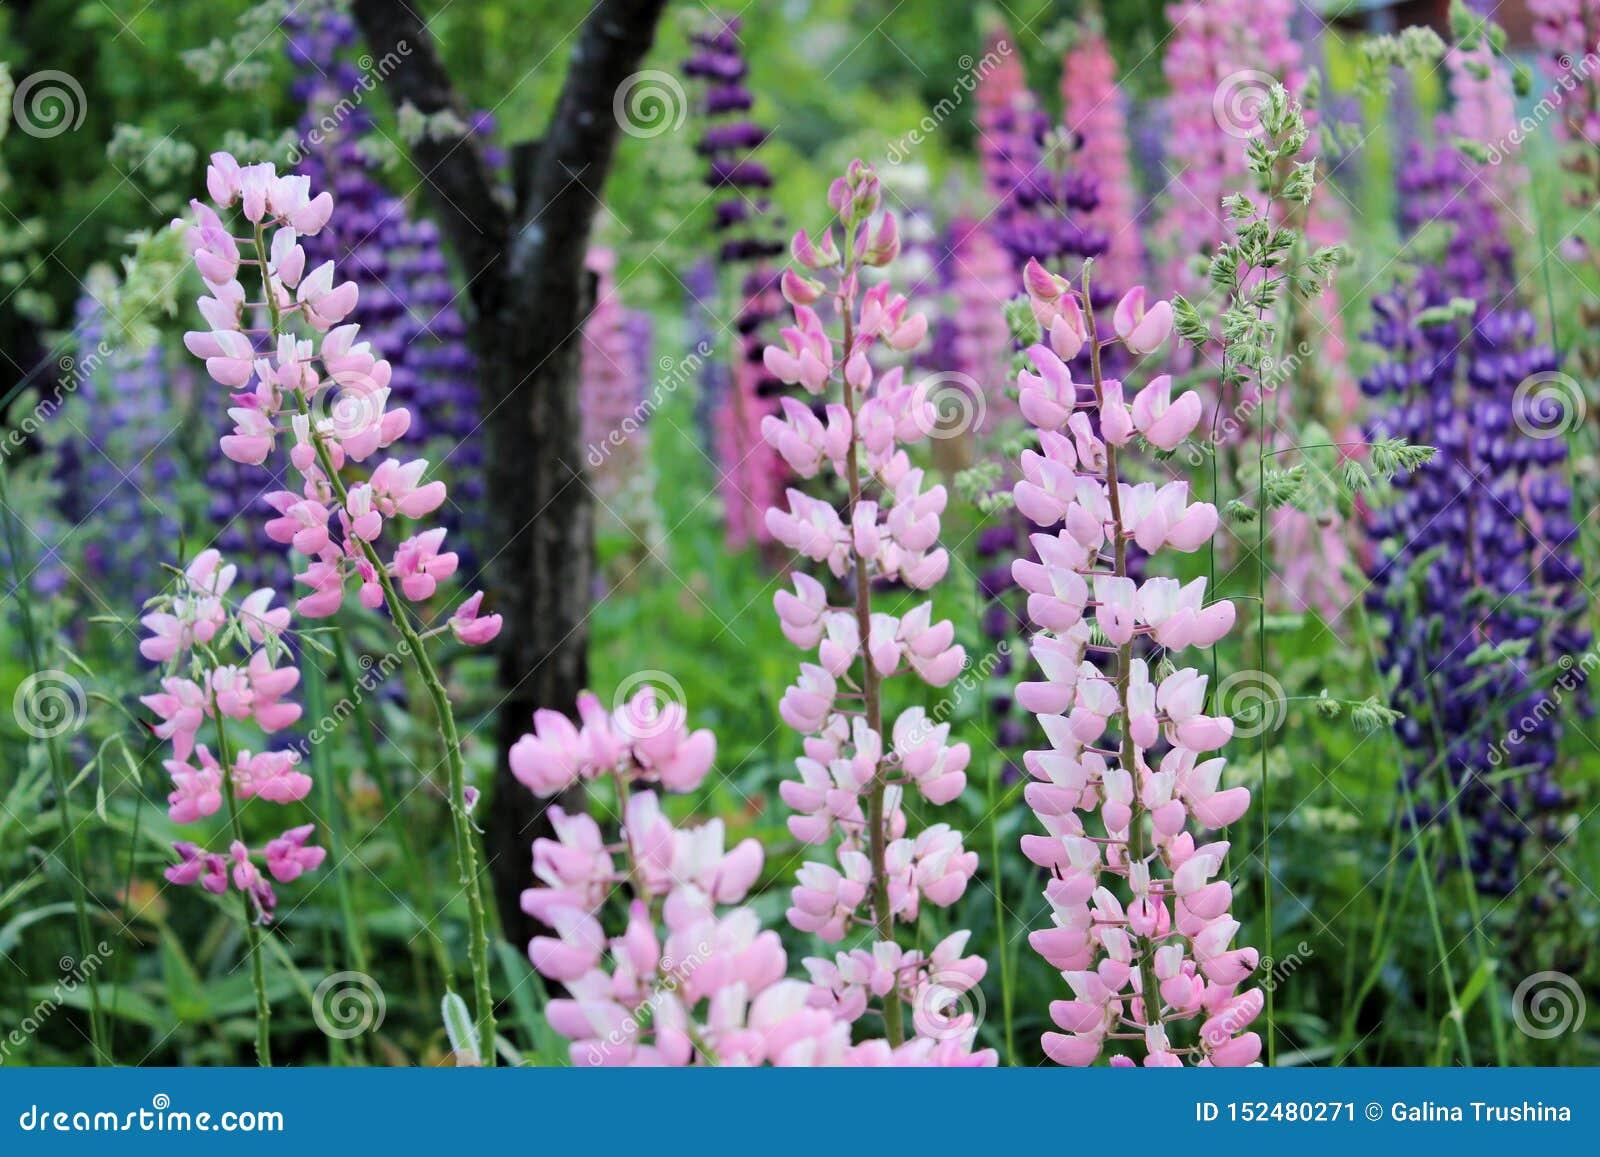 Lila und rosa Lupinen im Garten im Sommer